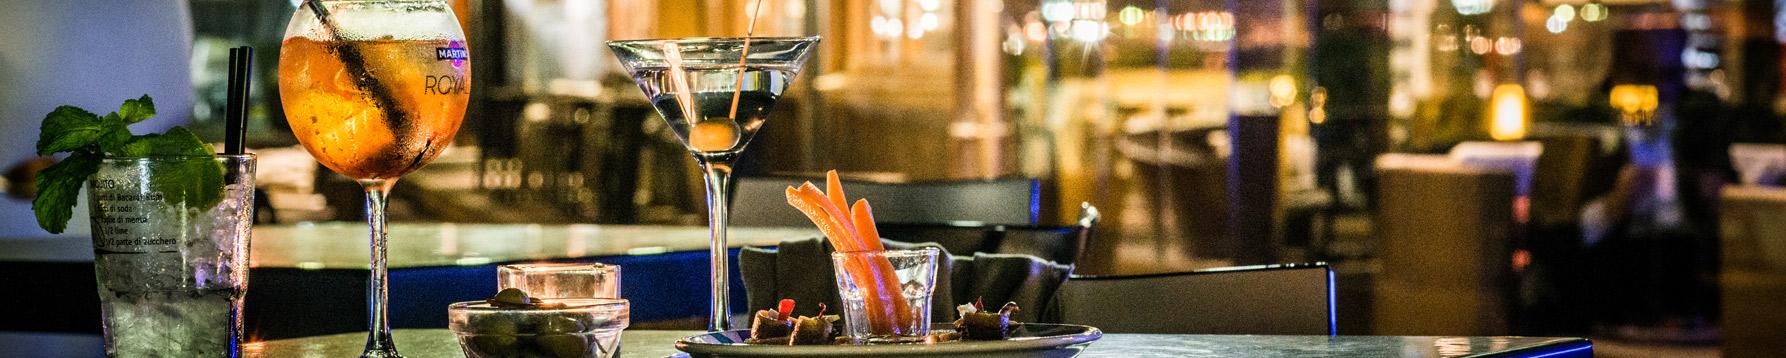 slide-marina-ristorante-1